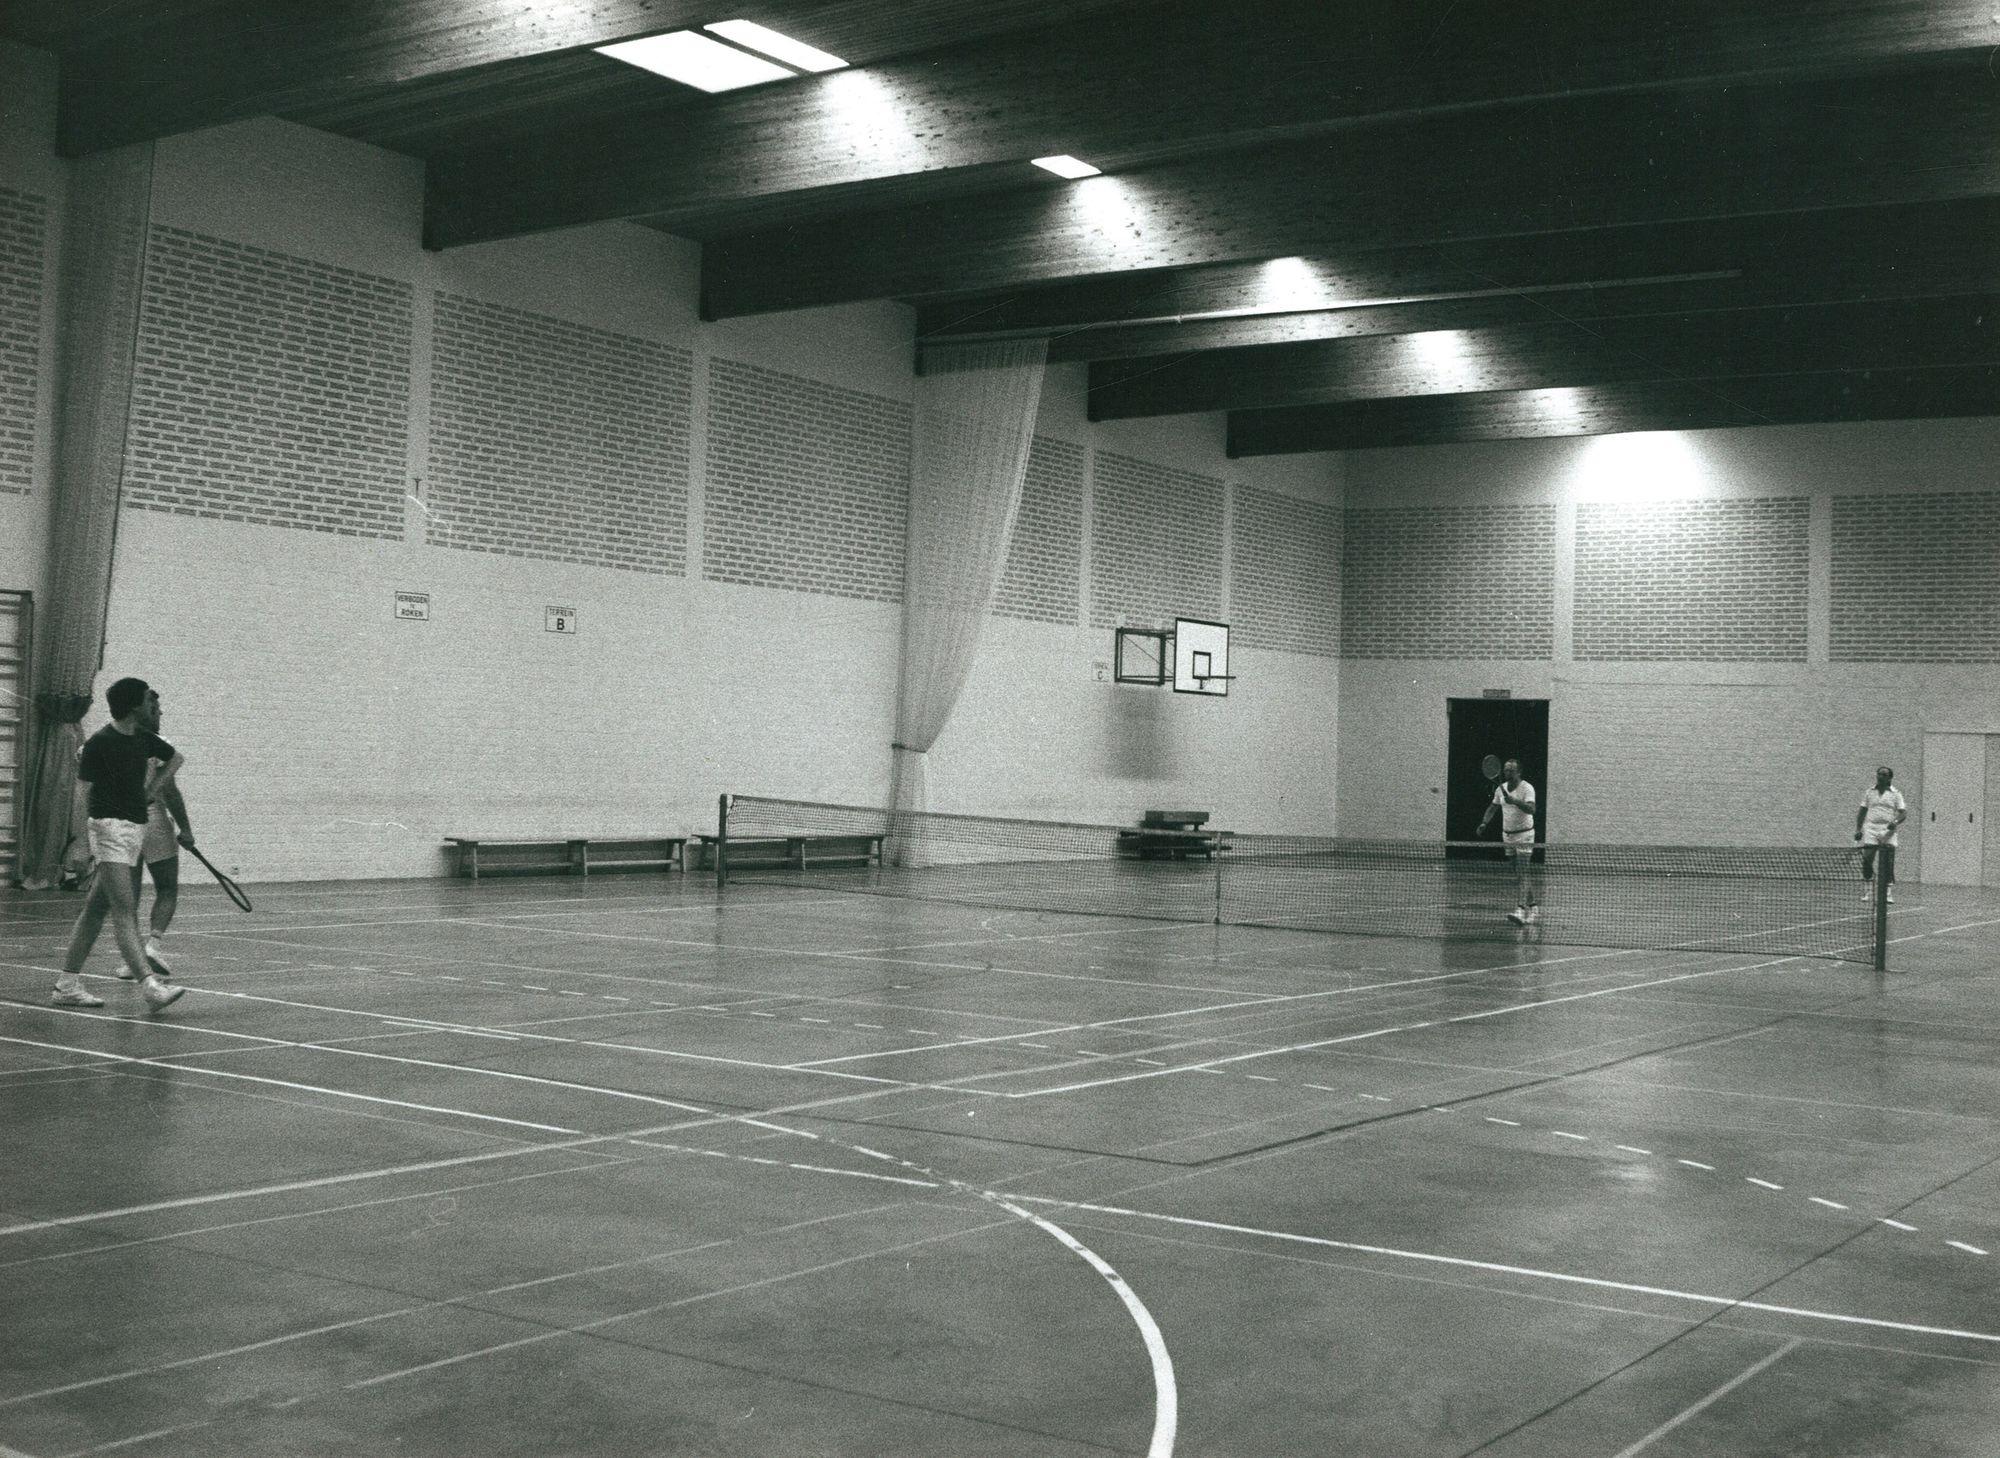 Sportcentrum Ter Biezen